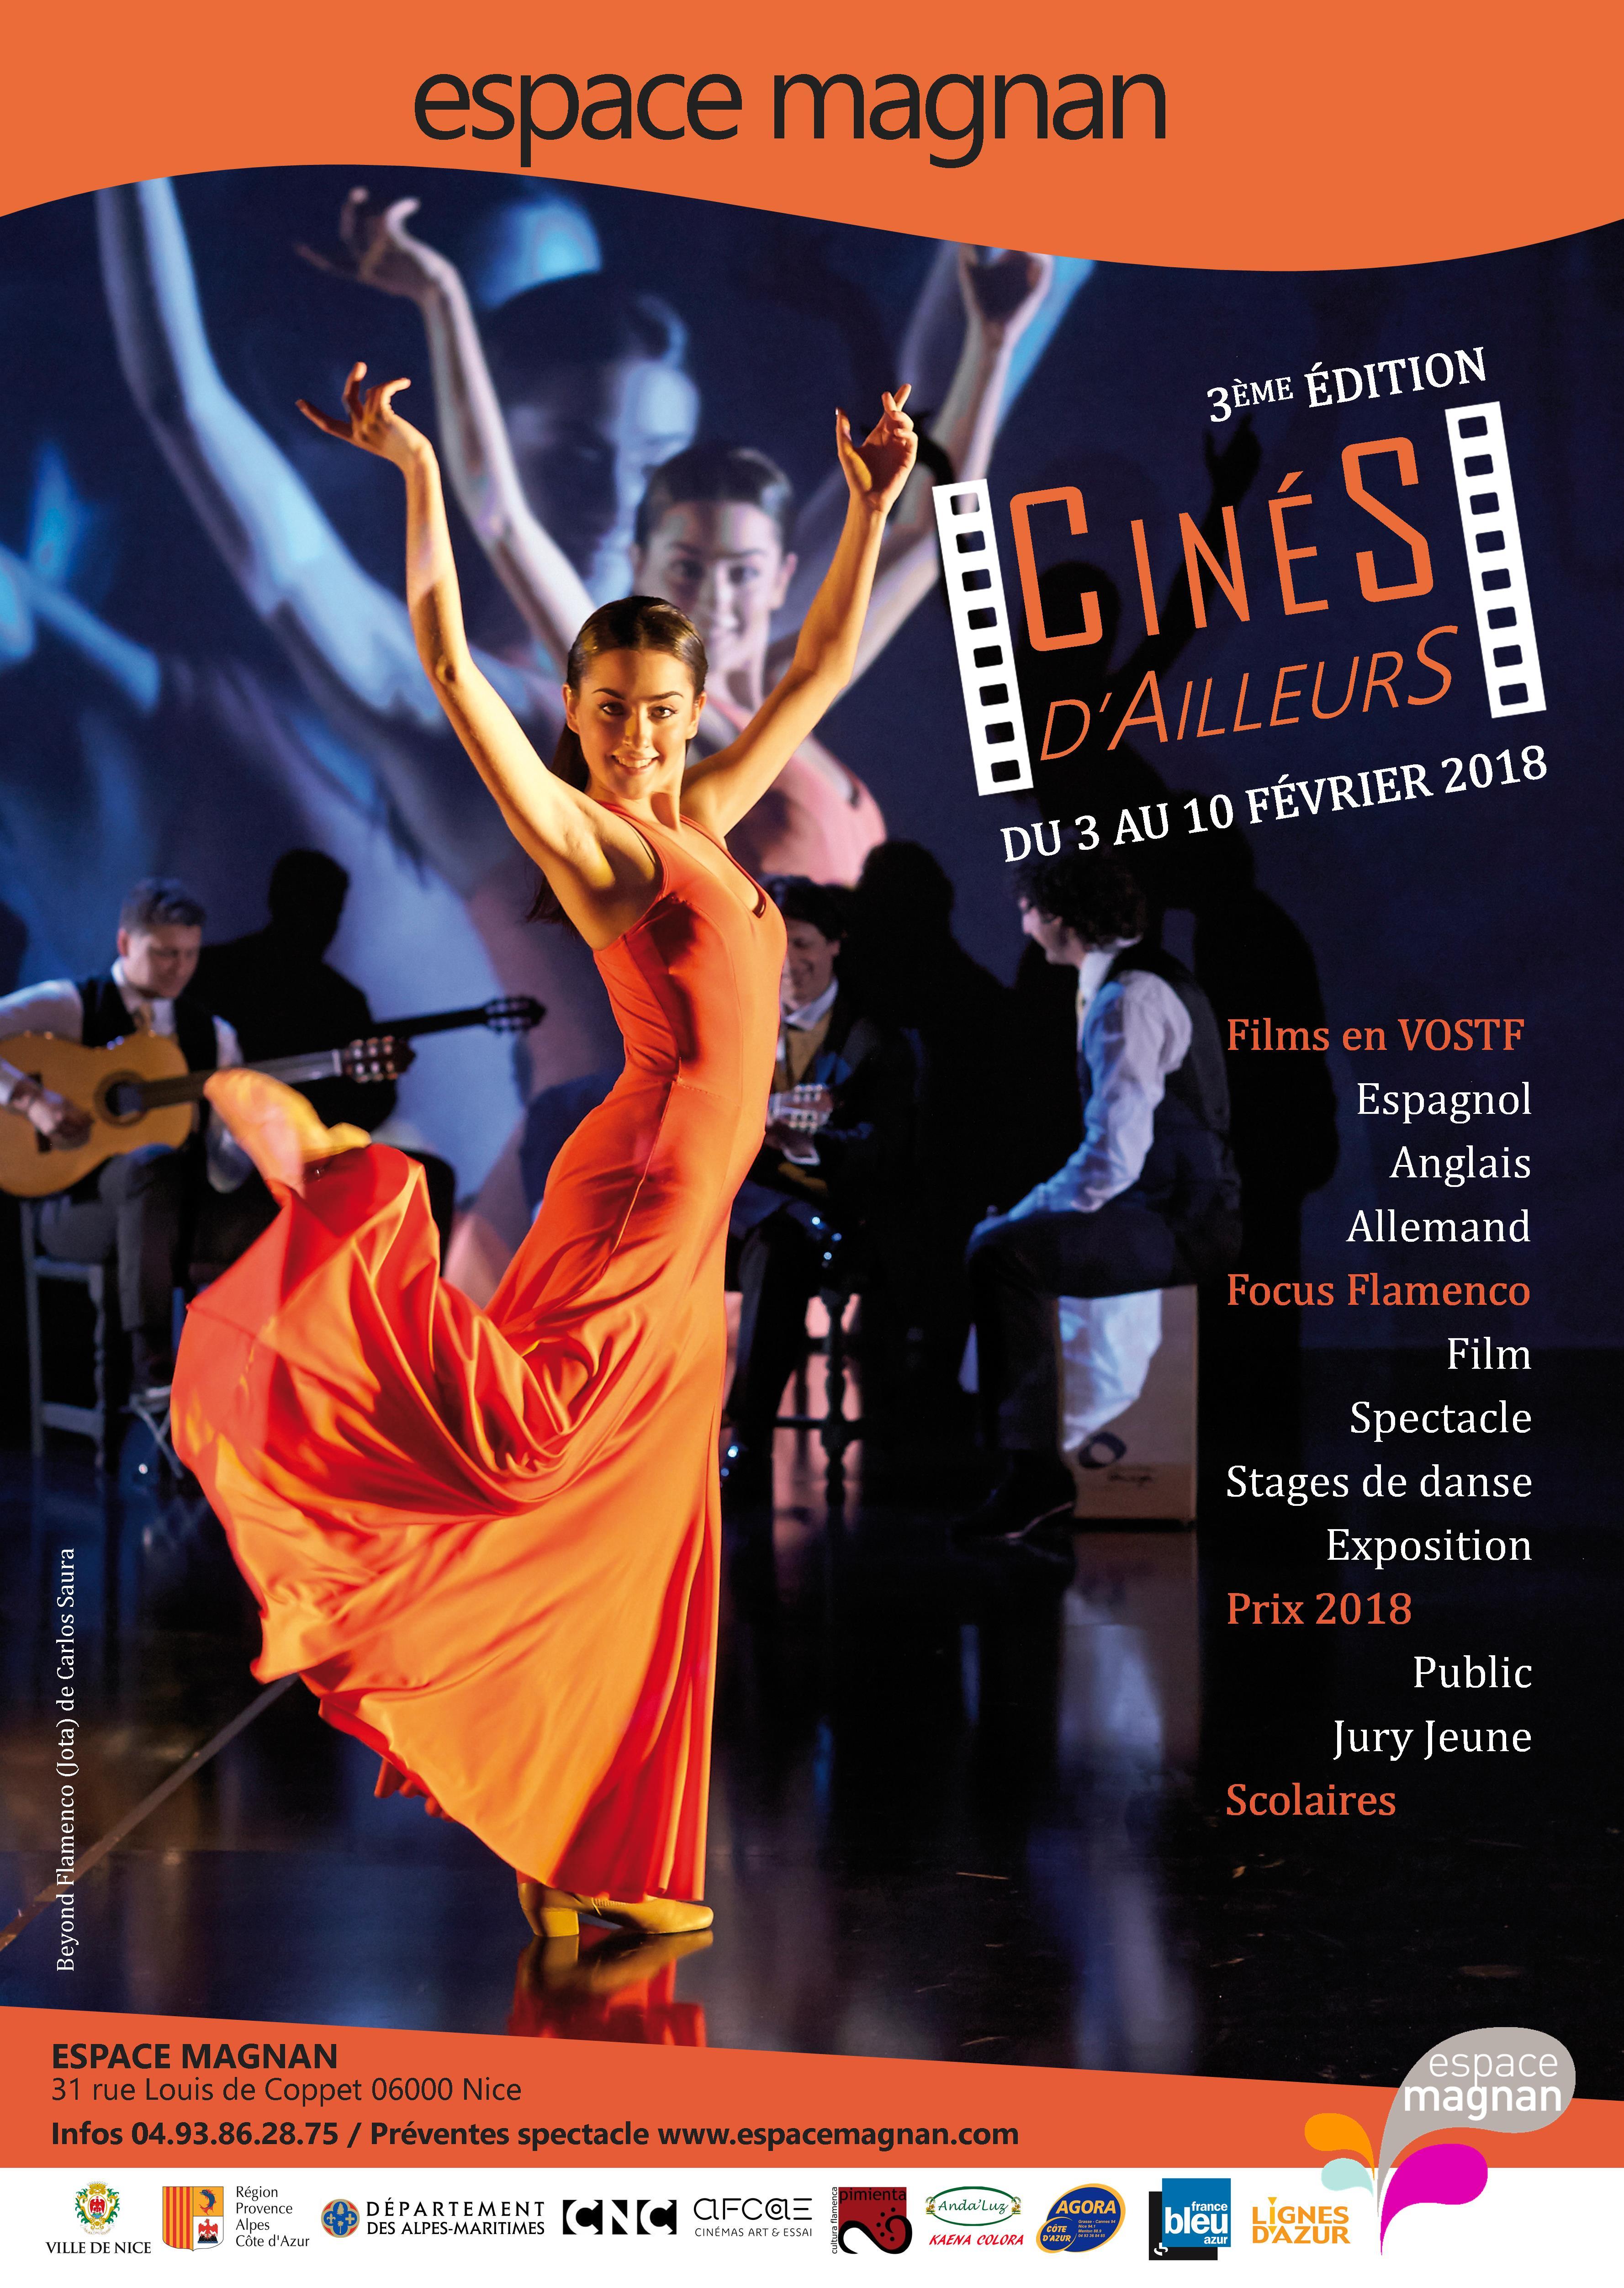 CinéS d'AilleurS - 3ème Edition Actualité Nice